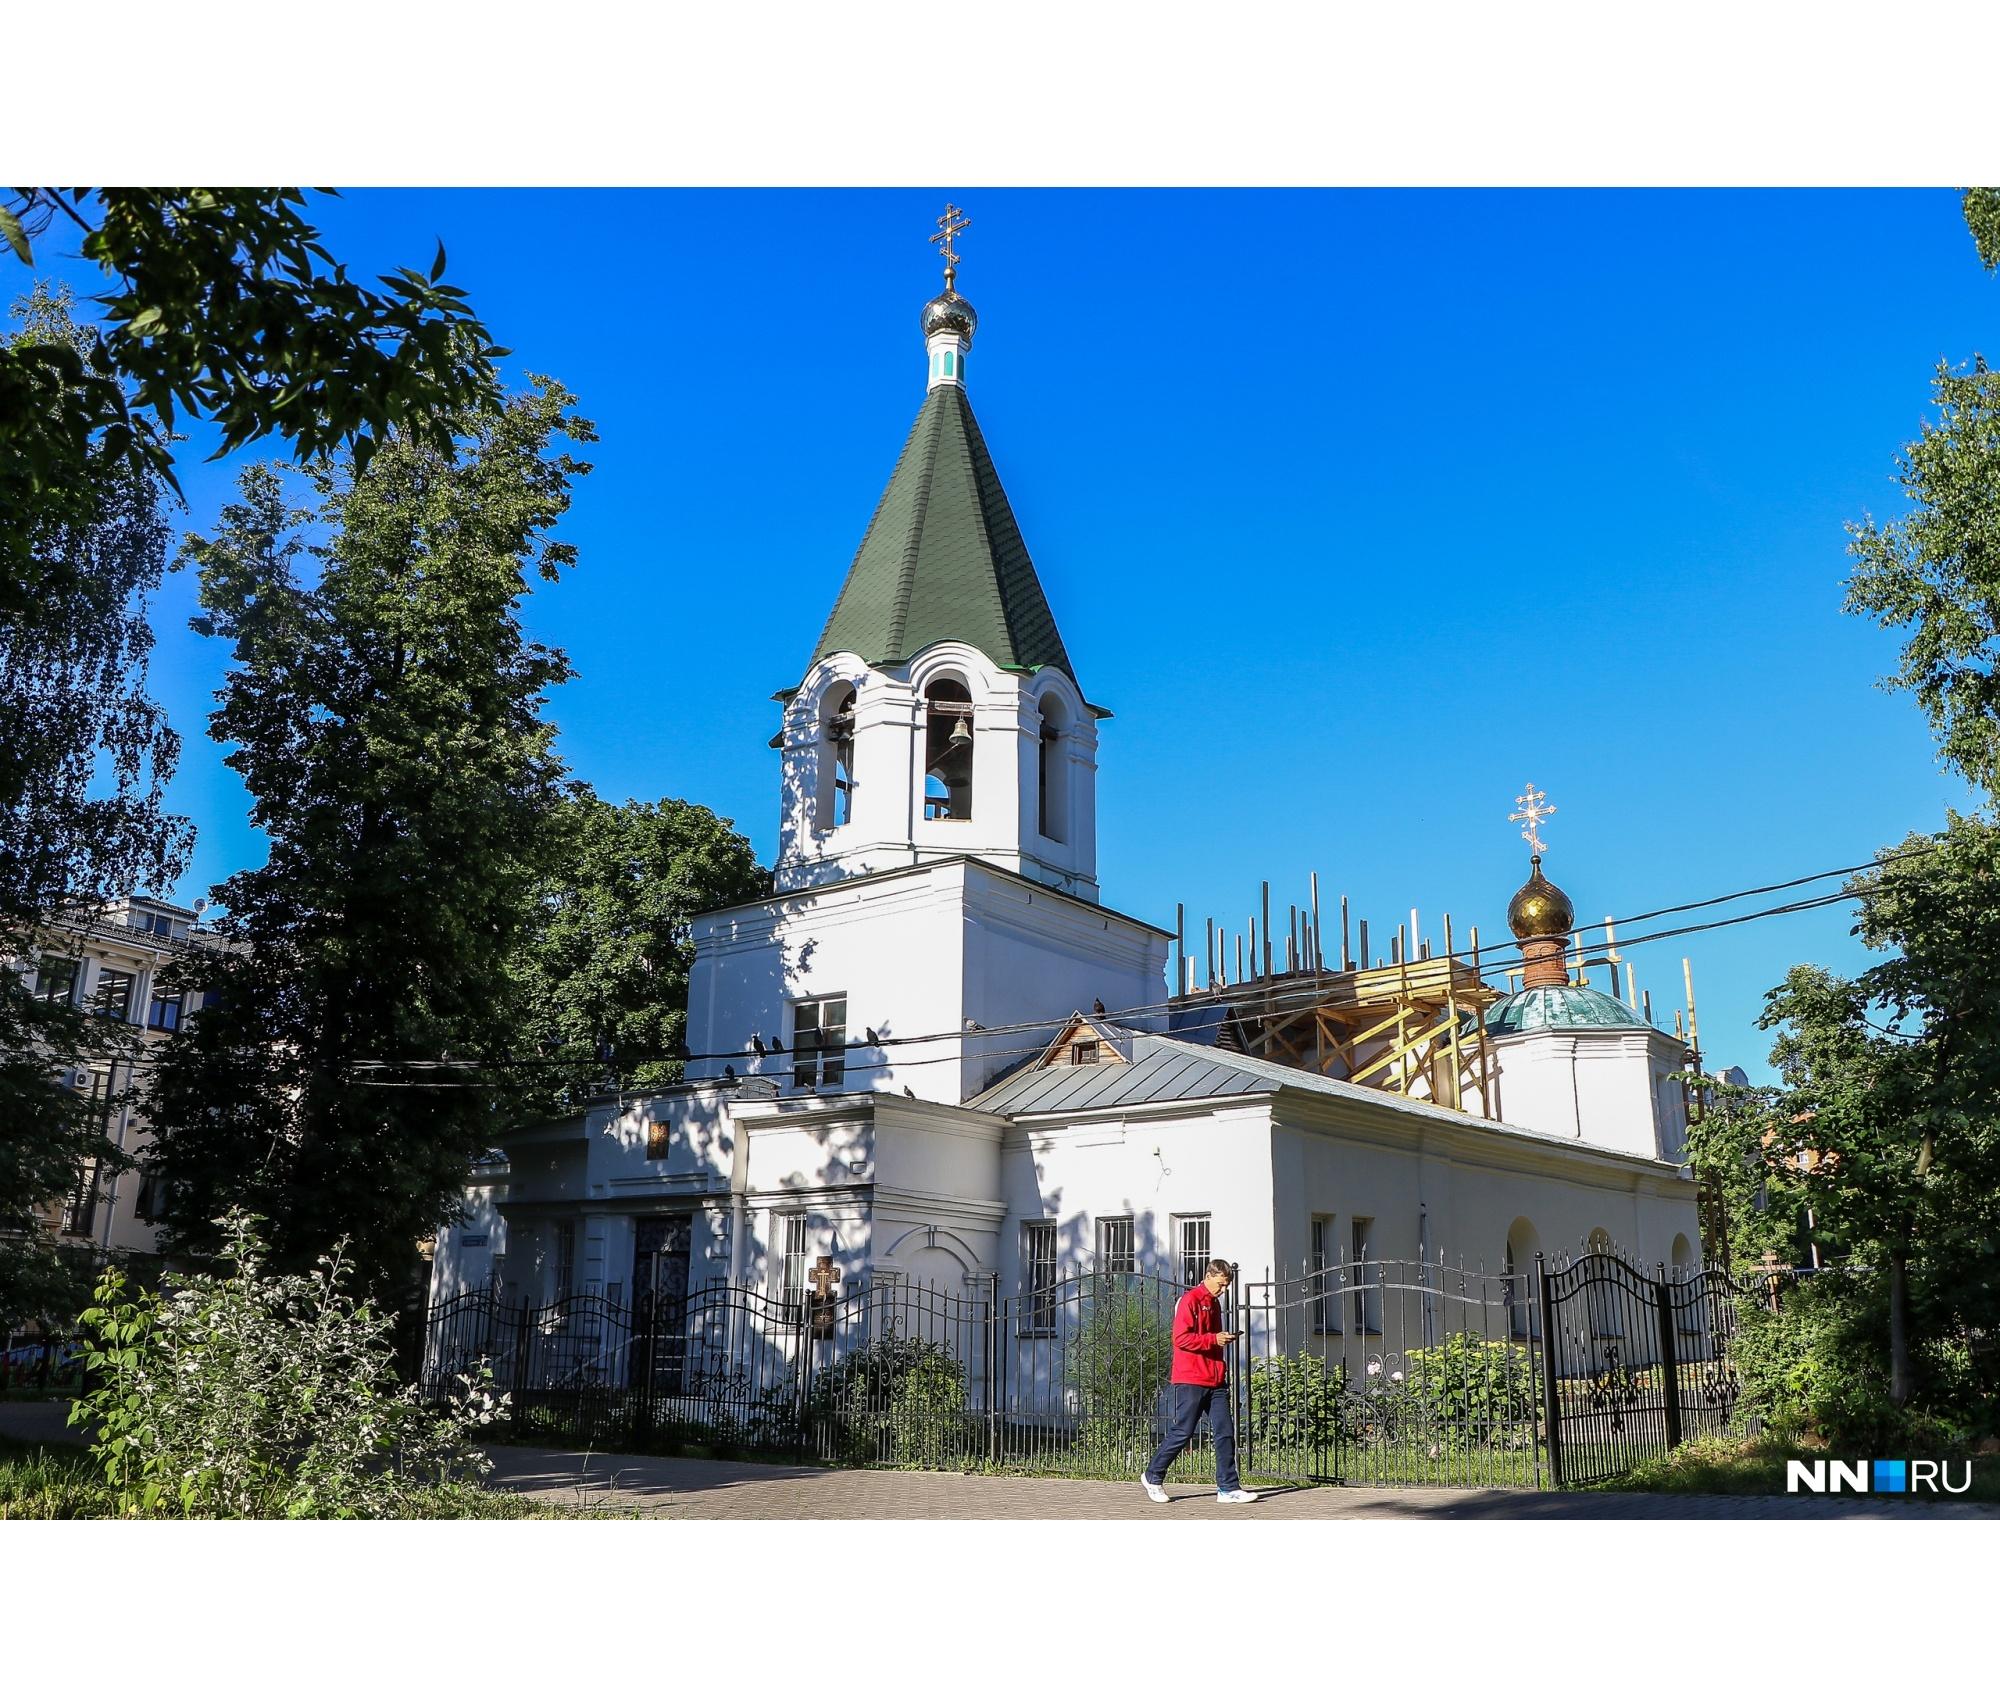 Церковь расположилась во дворе среди жилых домов